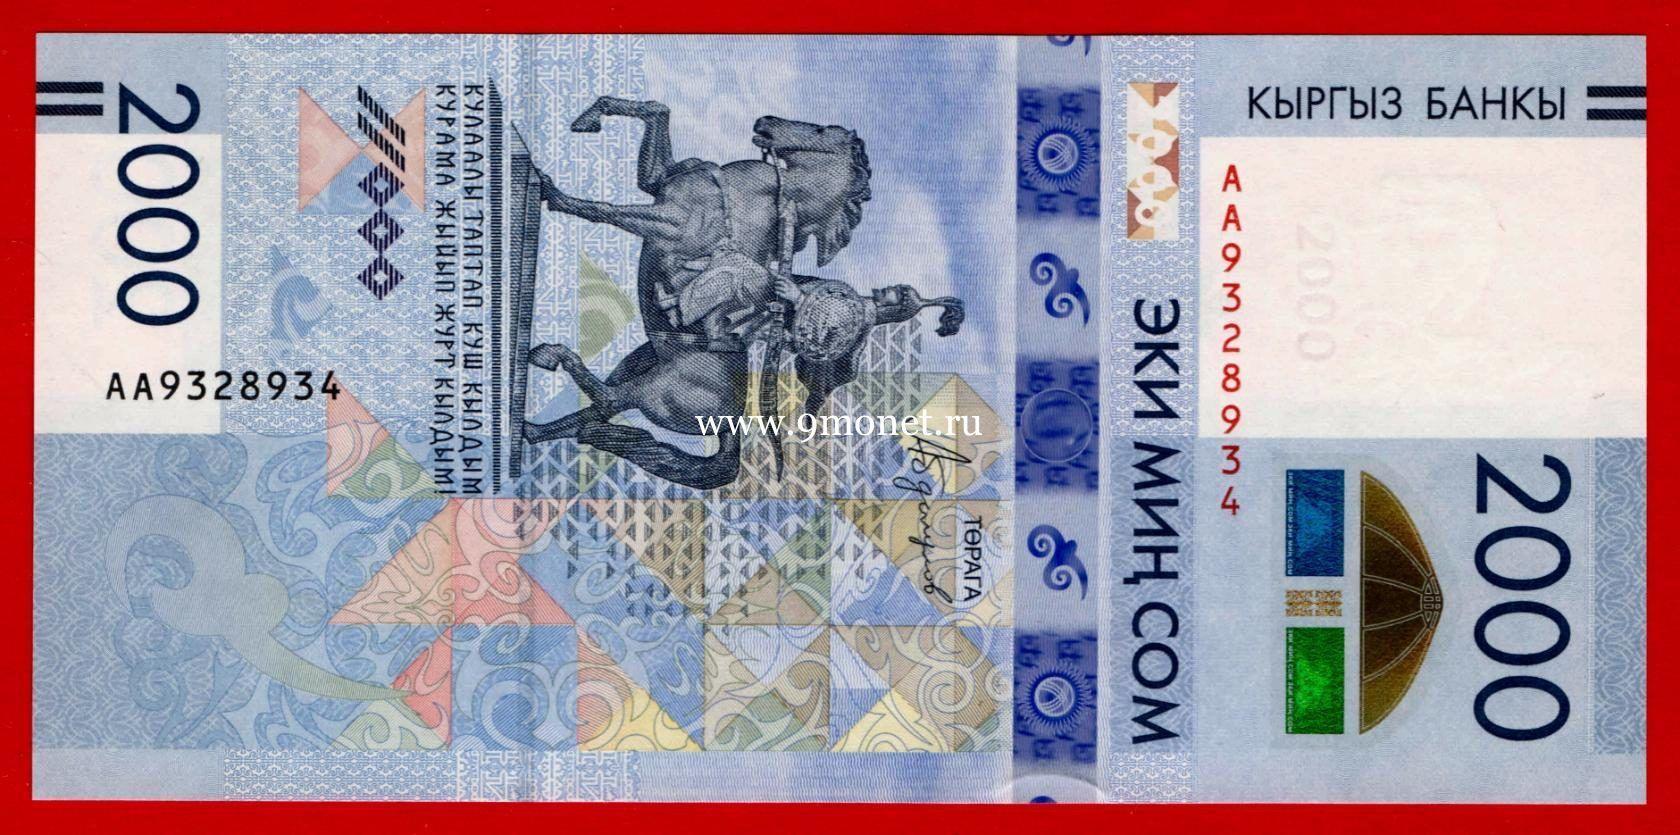 Киргизия 2000 сом 2017 года 25 лет независимости Кыргызской Республики.